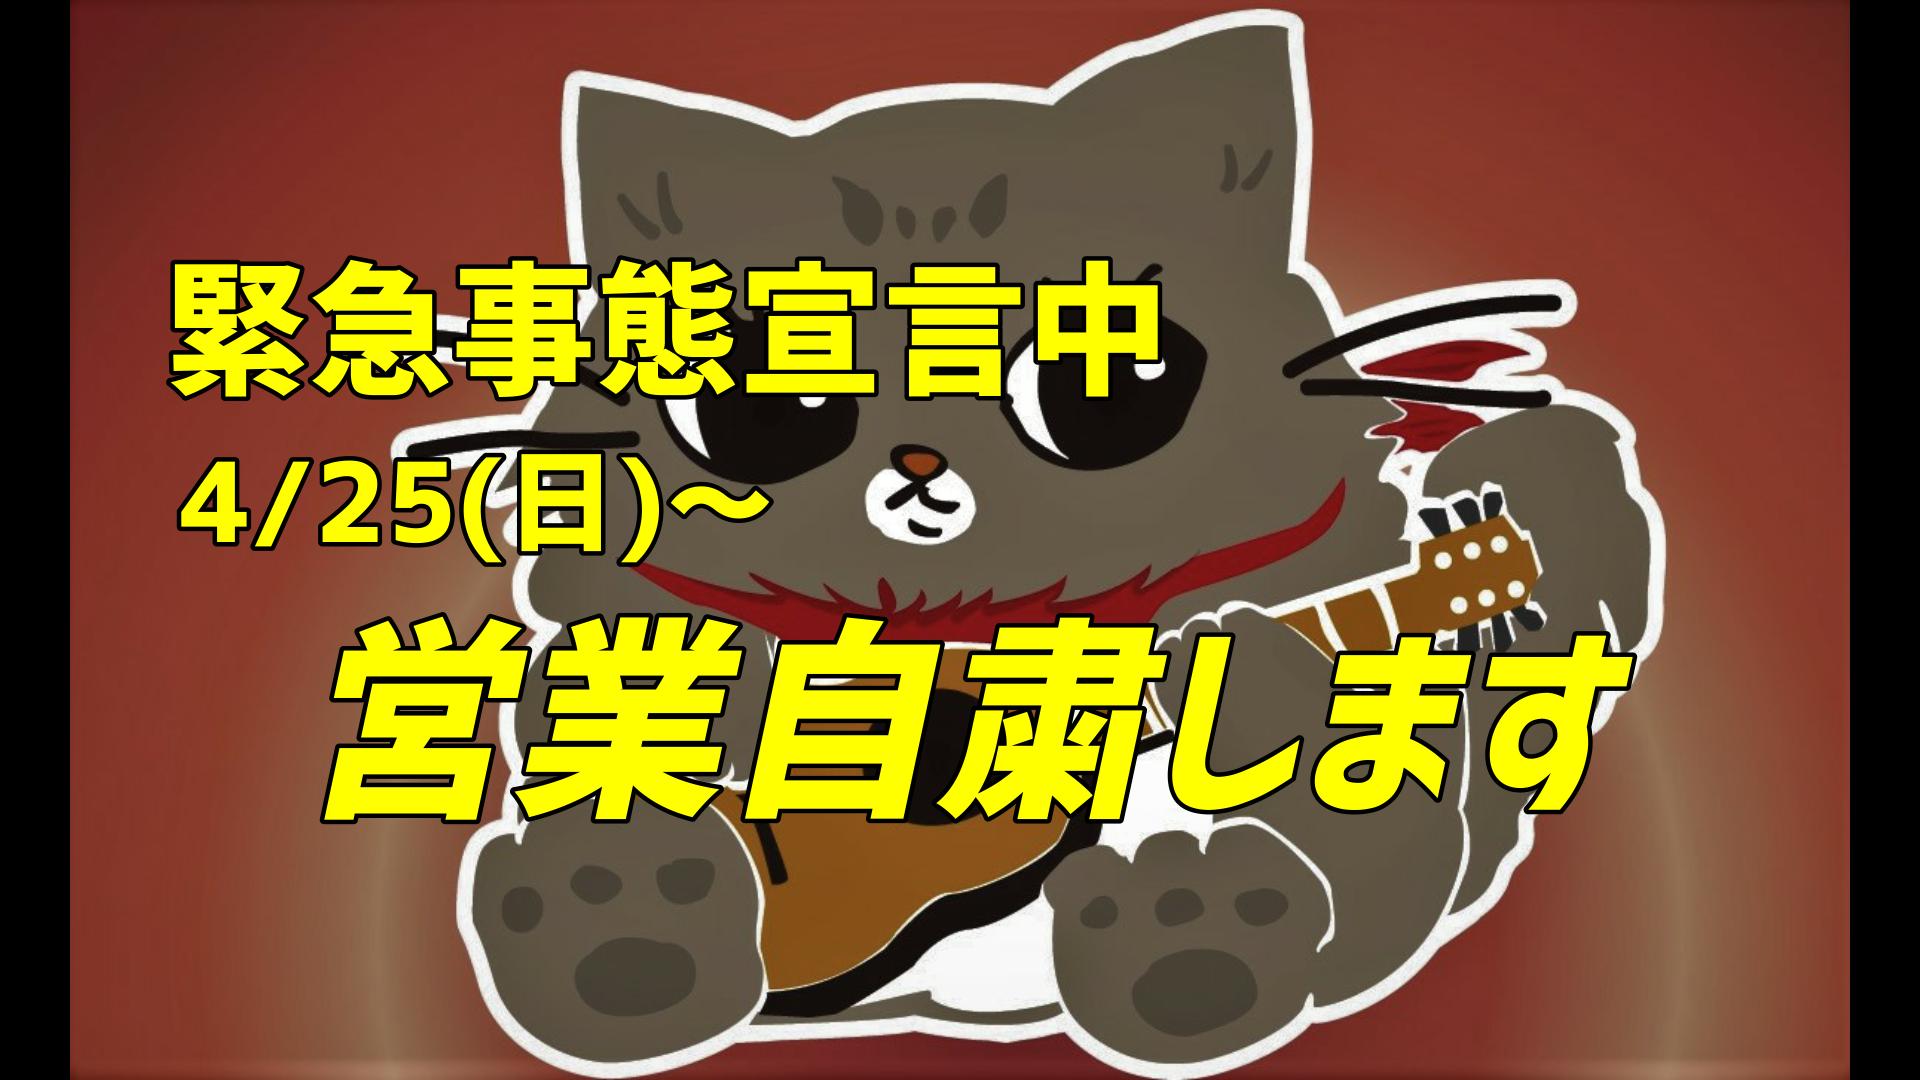 4/25(日)~の緊急事態宣言中の営業について